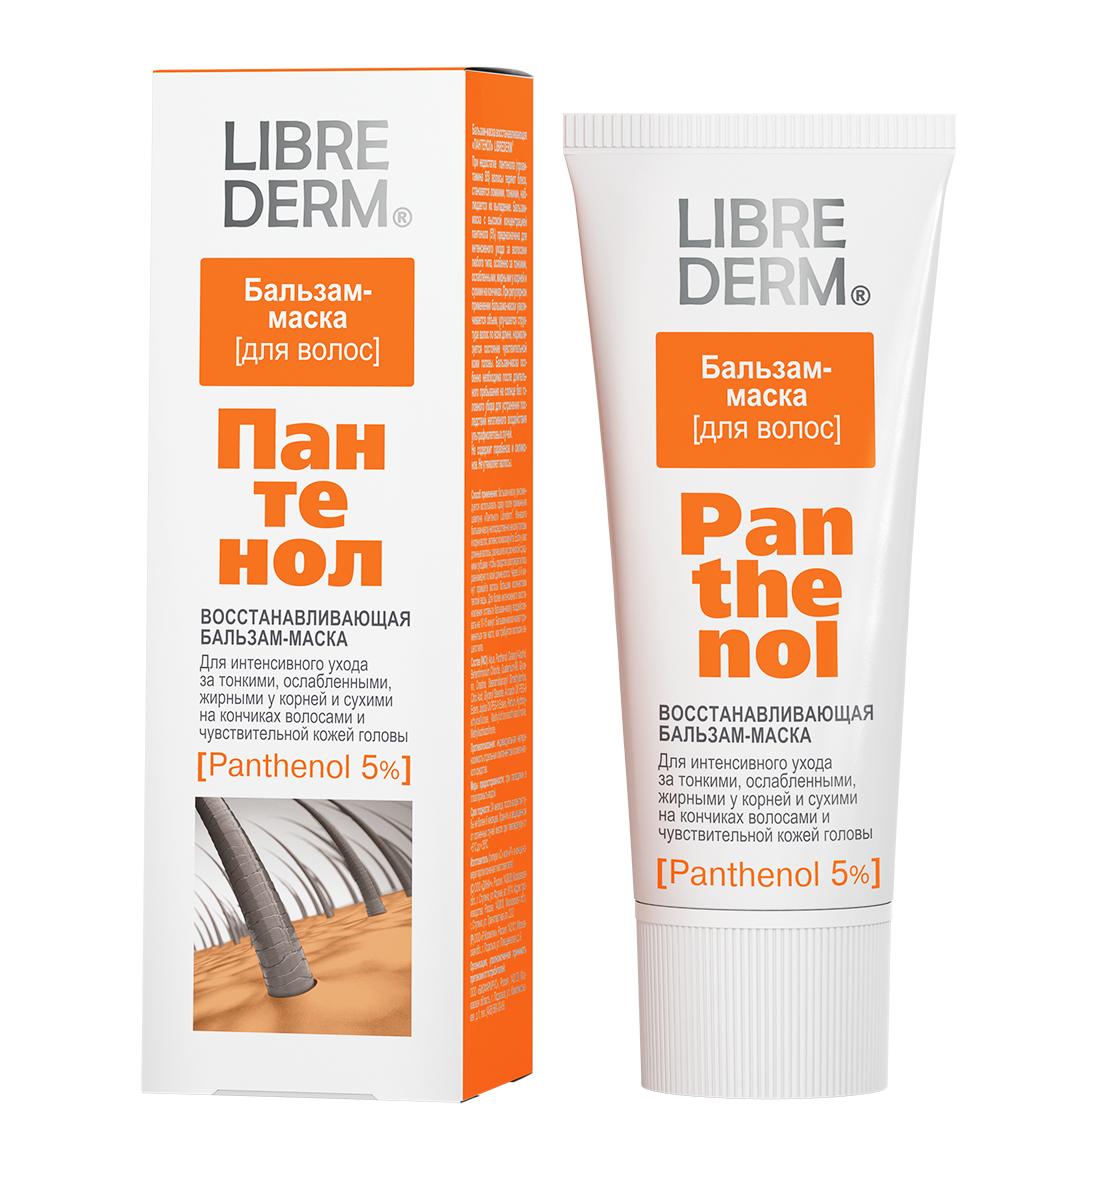 LIBREDERM Пантенол бальзам-маска восстанавливающая 200 млFS-00897*бальзам-маска с высокой концентрацией пантенола 5% предназначена для интенсивного ухода за волосами любого типа, особенно за тонкими, ослабленными, жирными у корней и сухими на кончиках.* при регулярном применении увеличивается объем, улучшается структура волос по всей длине, нормализуется состояние чувствительной кожи головы* не содержит парабенов и силиконов* не утяжеляет волосы